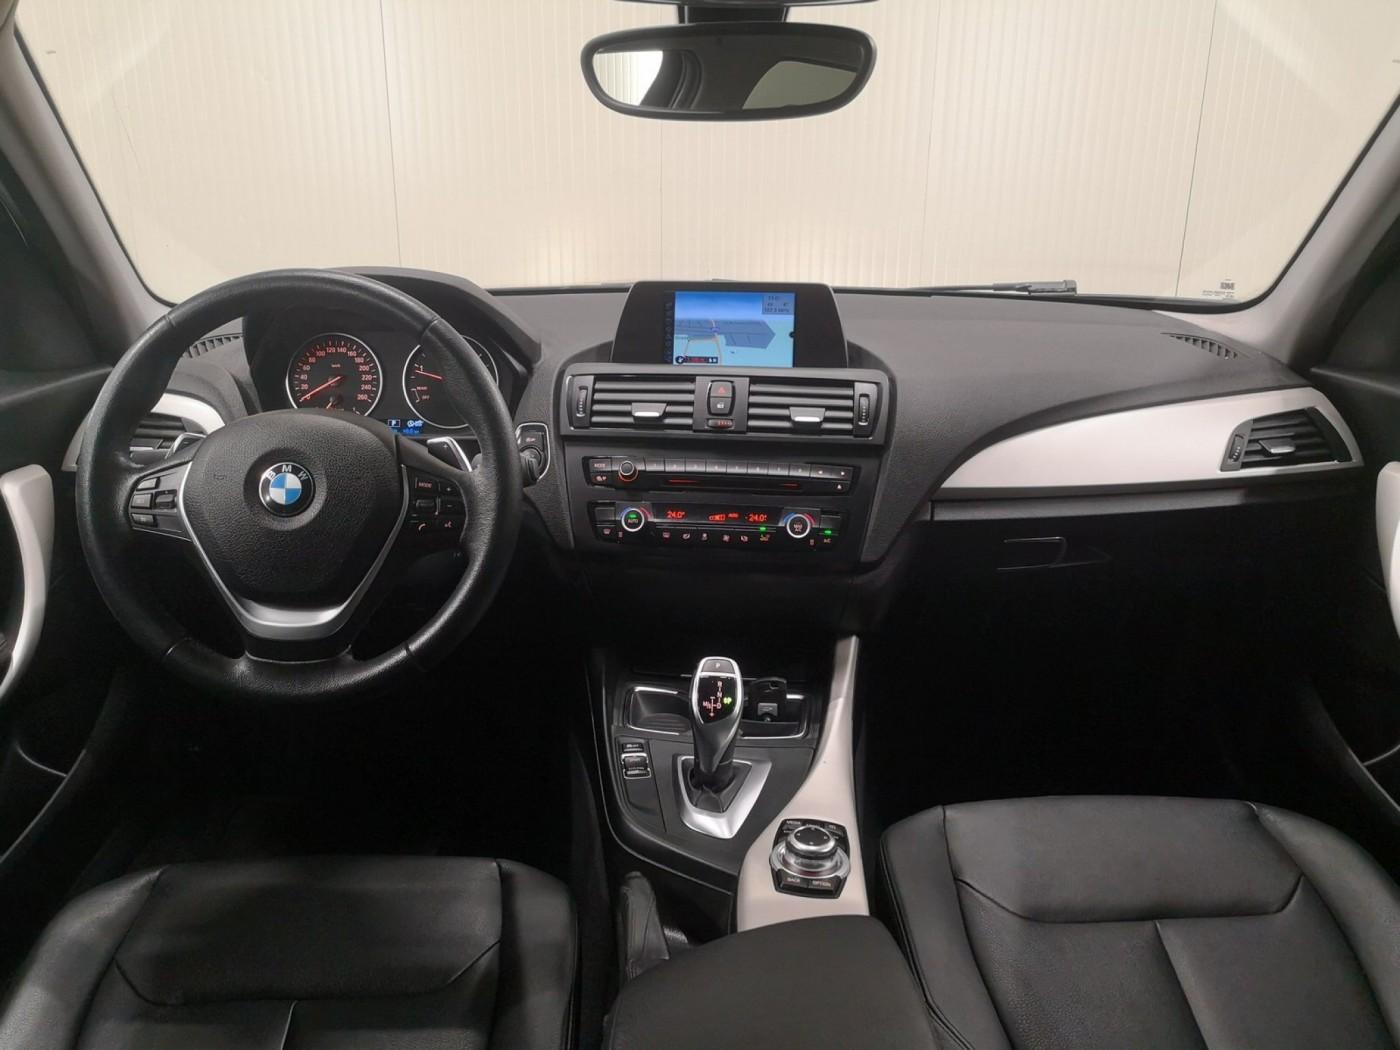 BMW 120  184 CP   - 12990 €,   140571 km,  anul 2014,  culoare negru